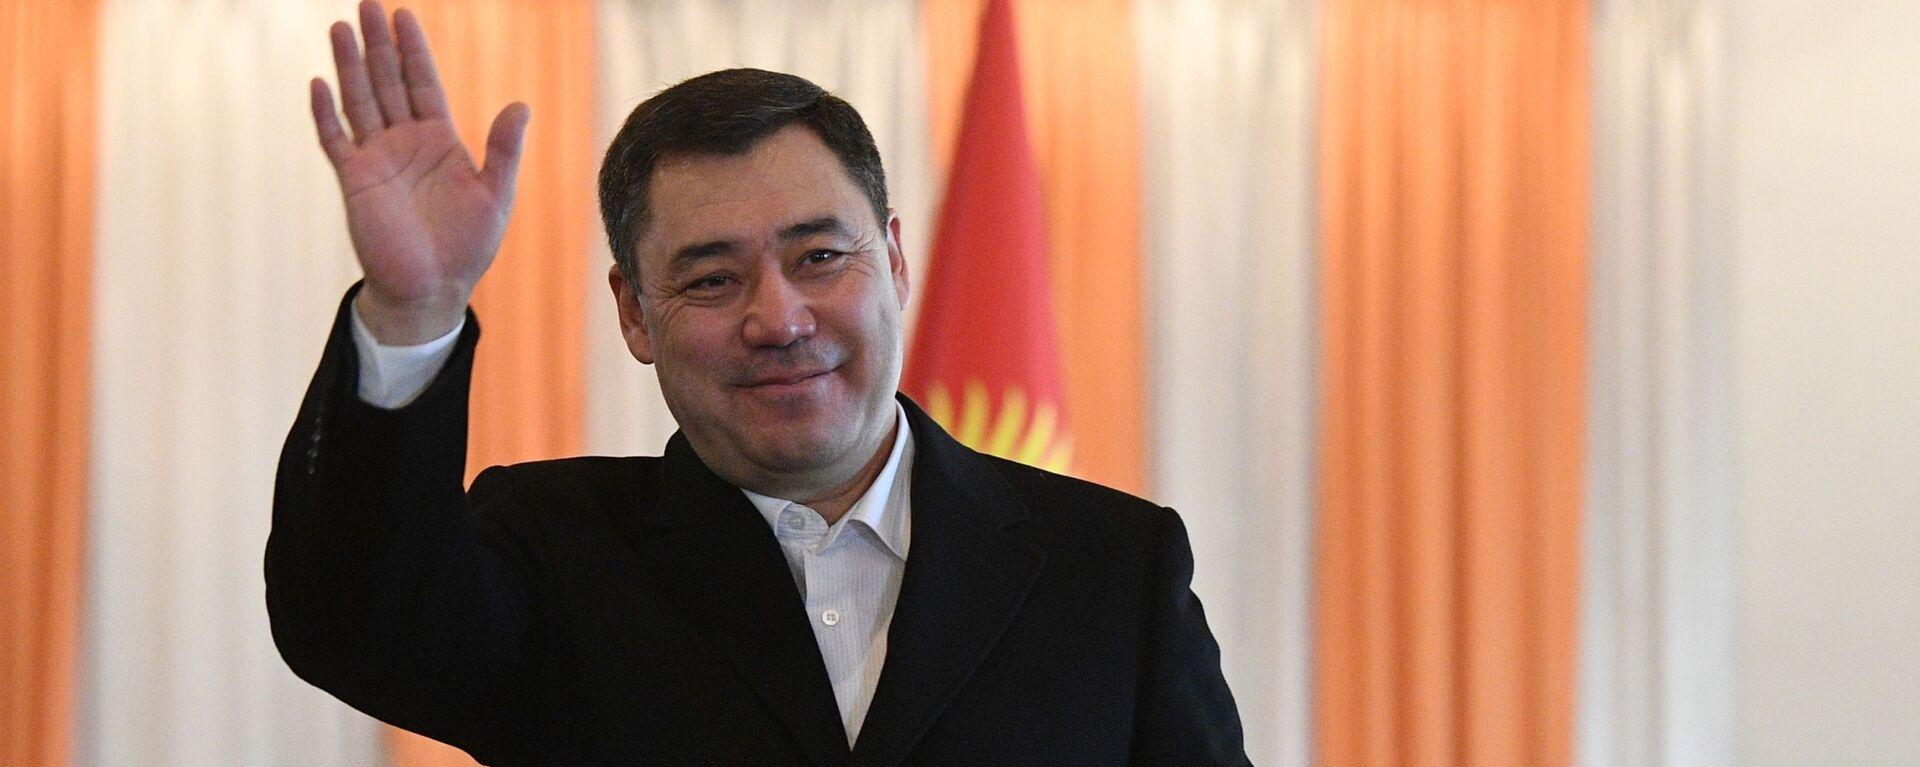 Новоизбранный премьер-министр Садыр Жапаров - Sputnik Таджикистан, 1920, 04.03.2021